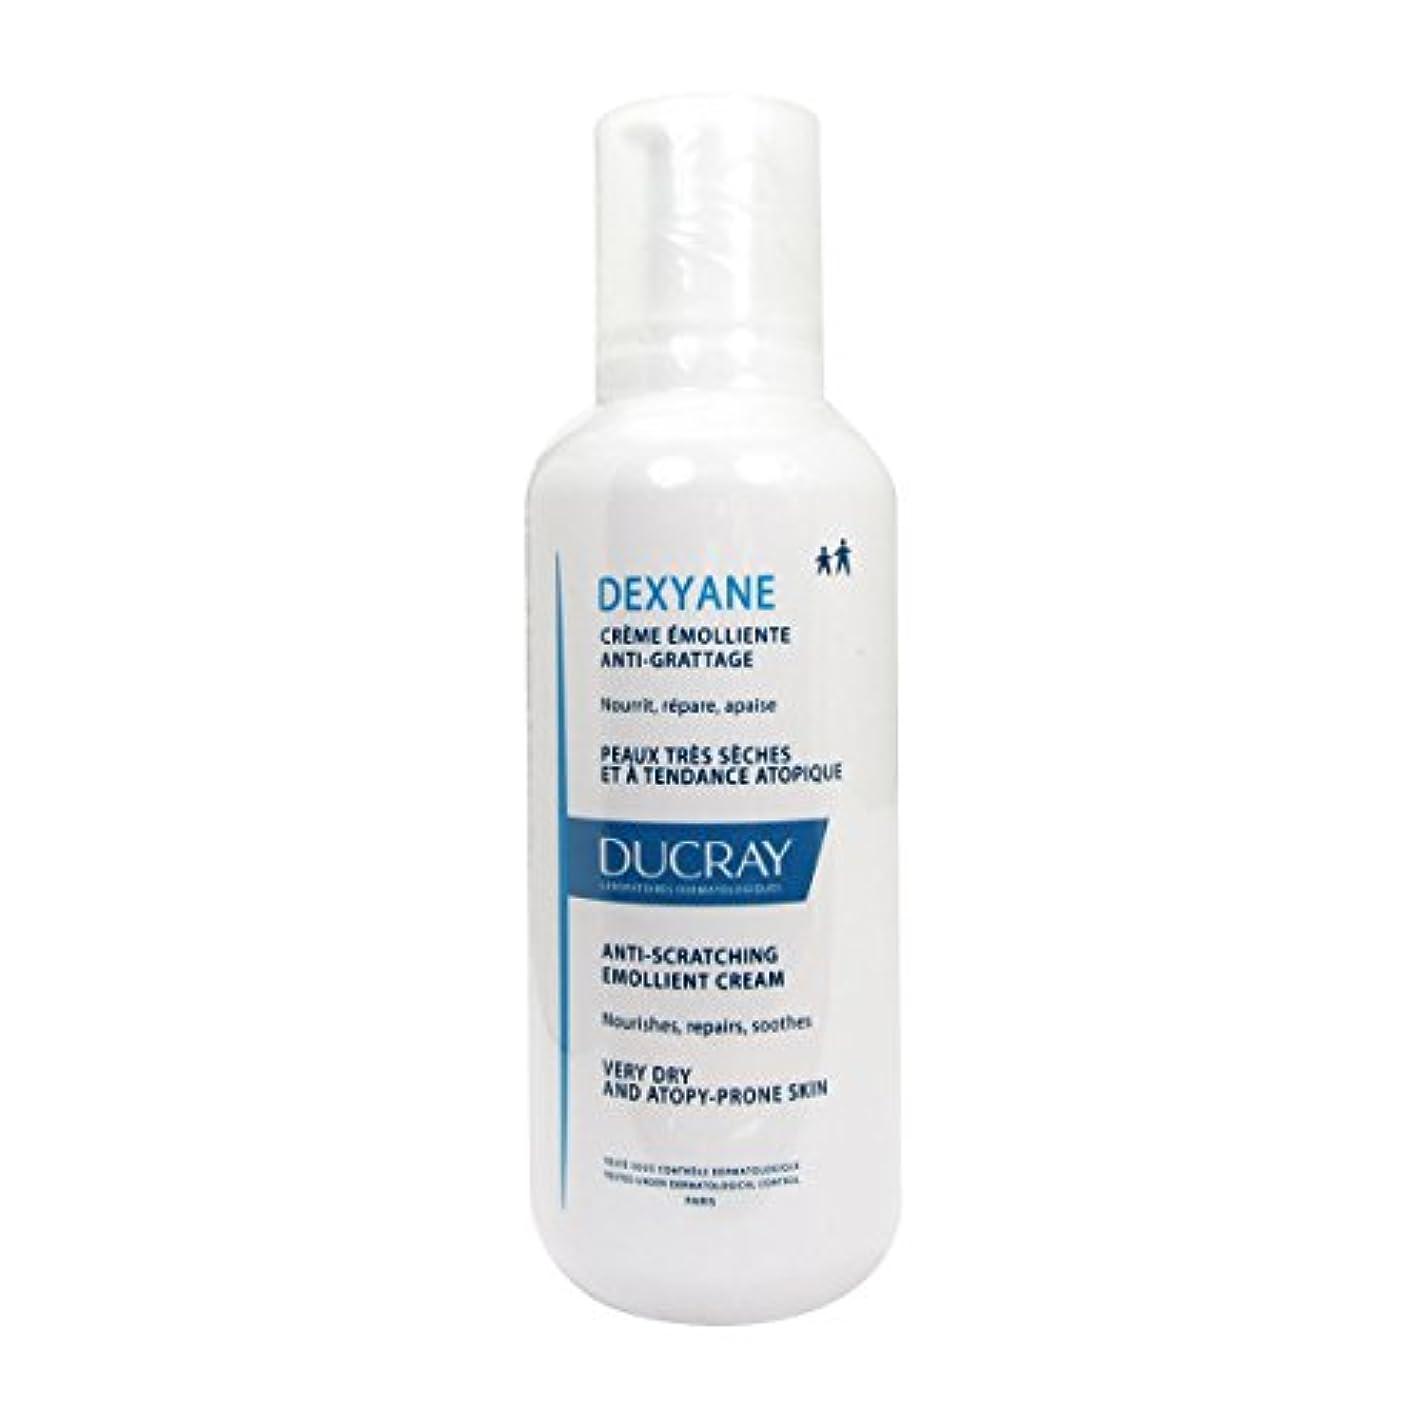 振り子吹きさらしクラシカルDucray Dexyane Anti-scratching Emollient Cream 400ml [並行輸入品]